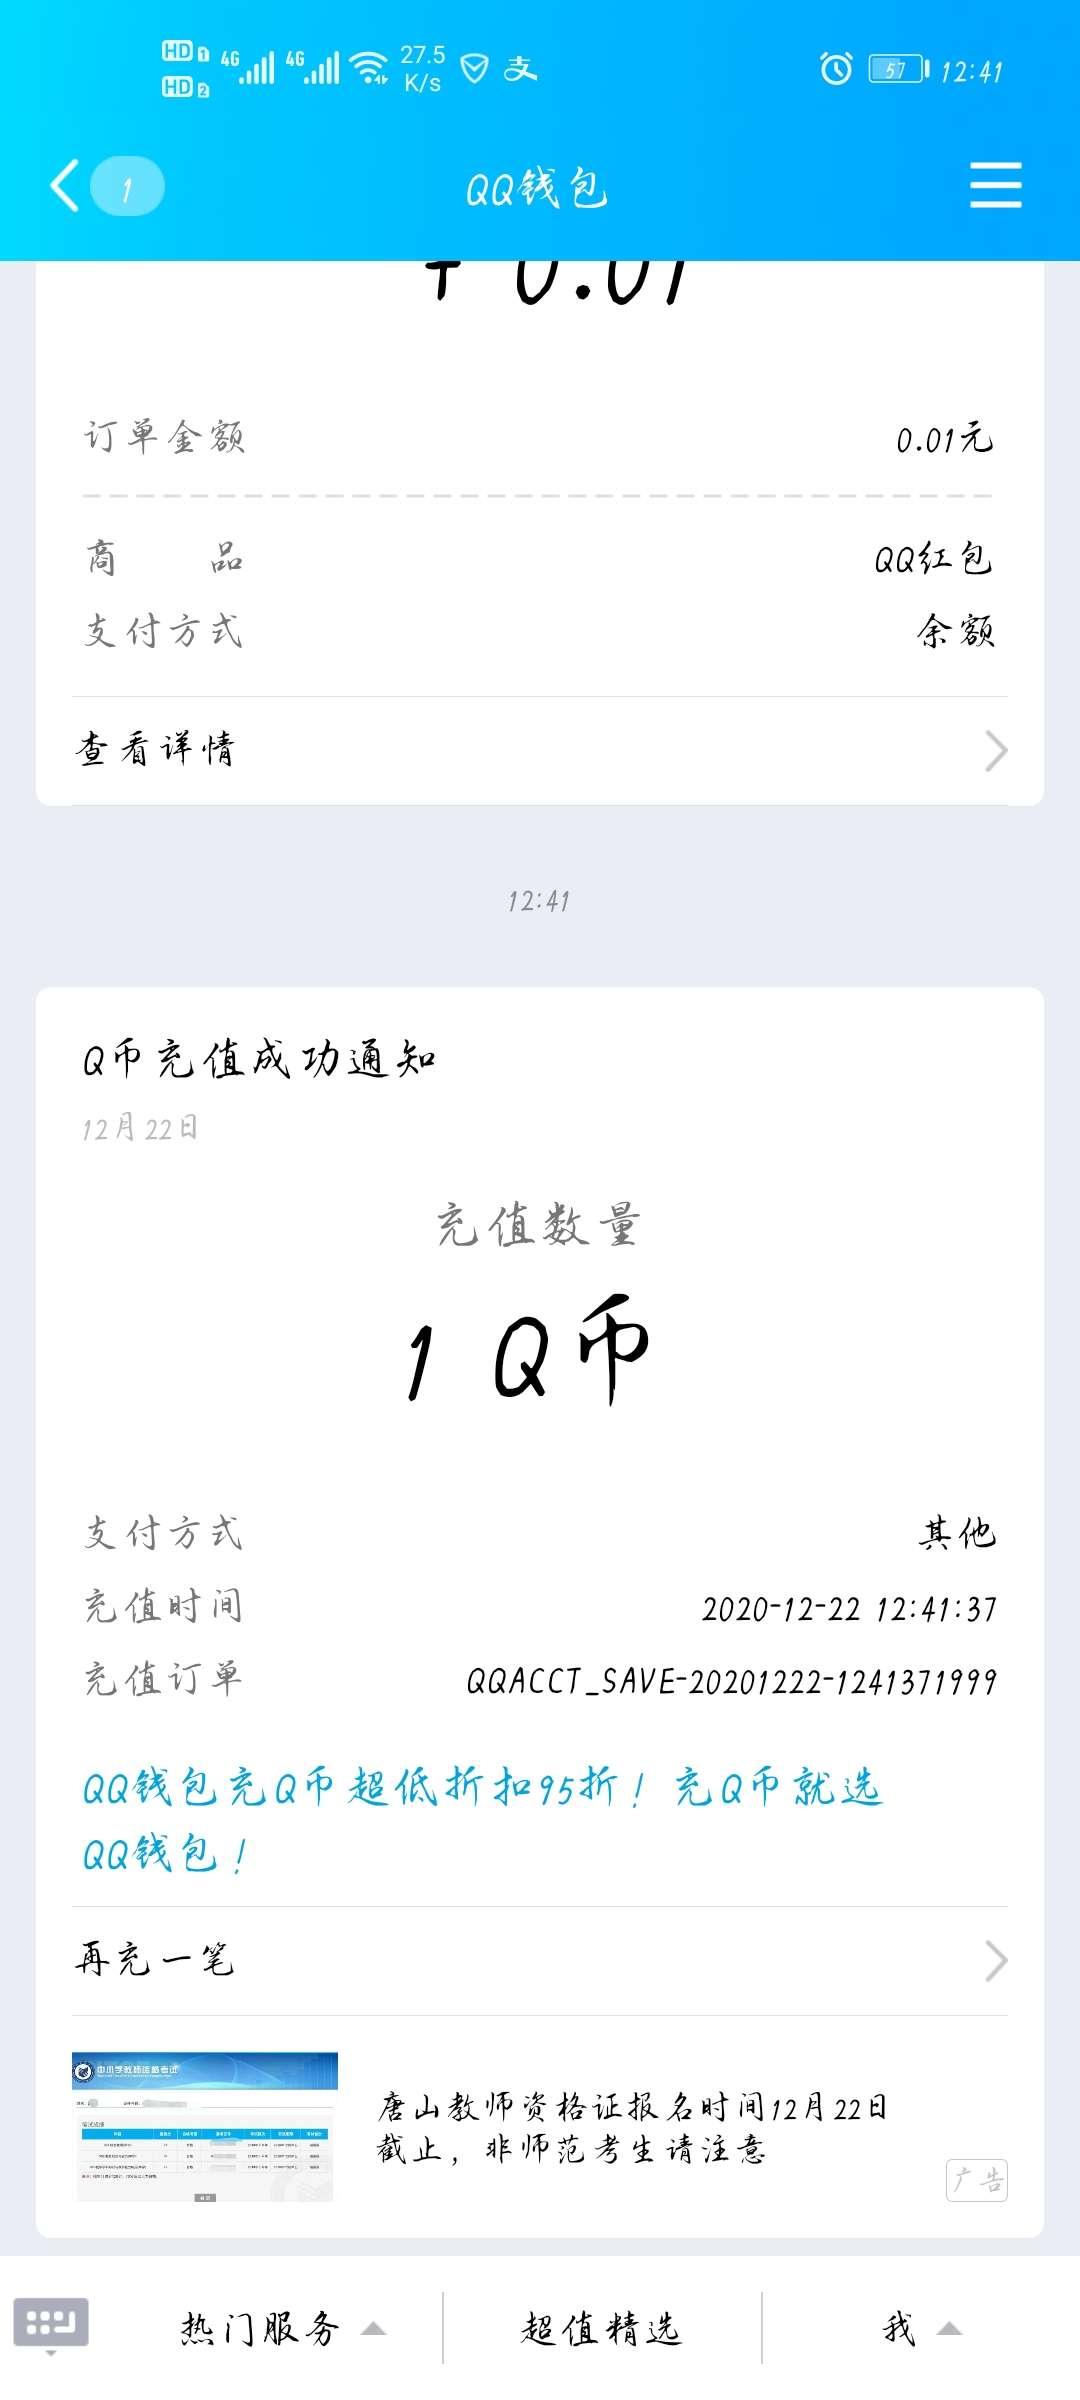 图片[1]-荣耀新三国分享抽QB,亲测中奖!-老友薅羊毛活动线报网